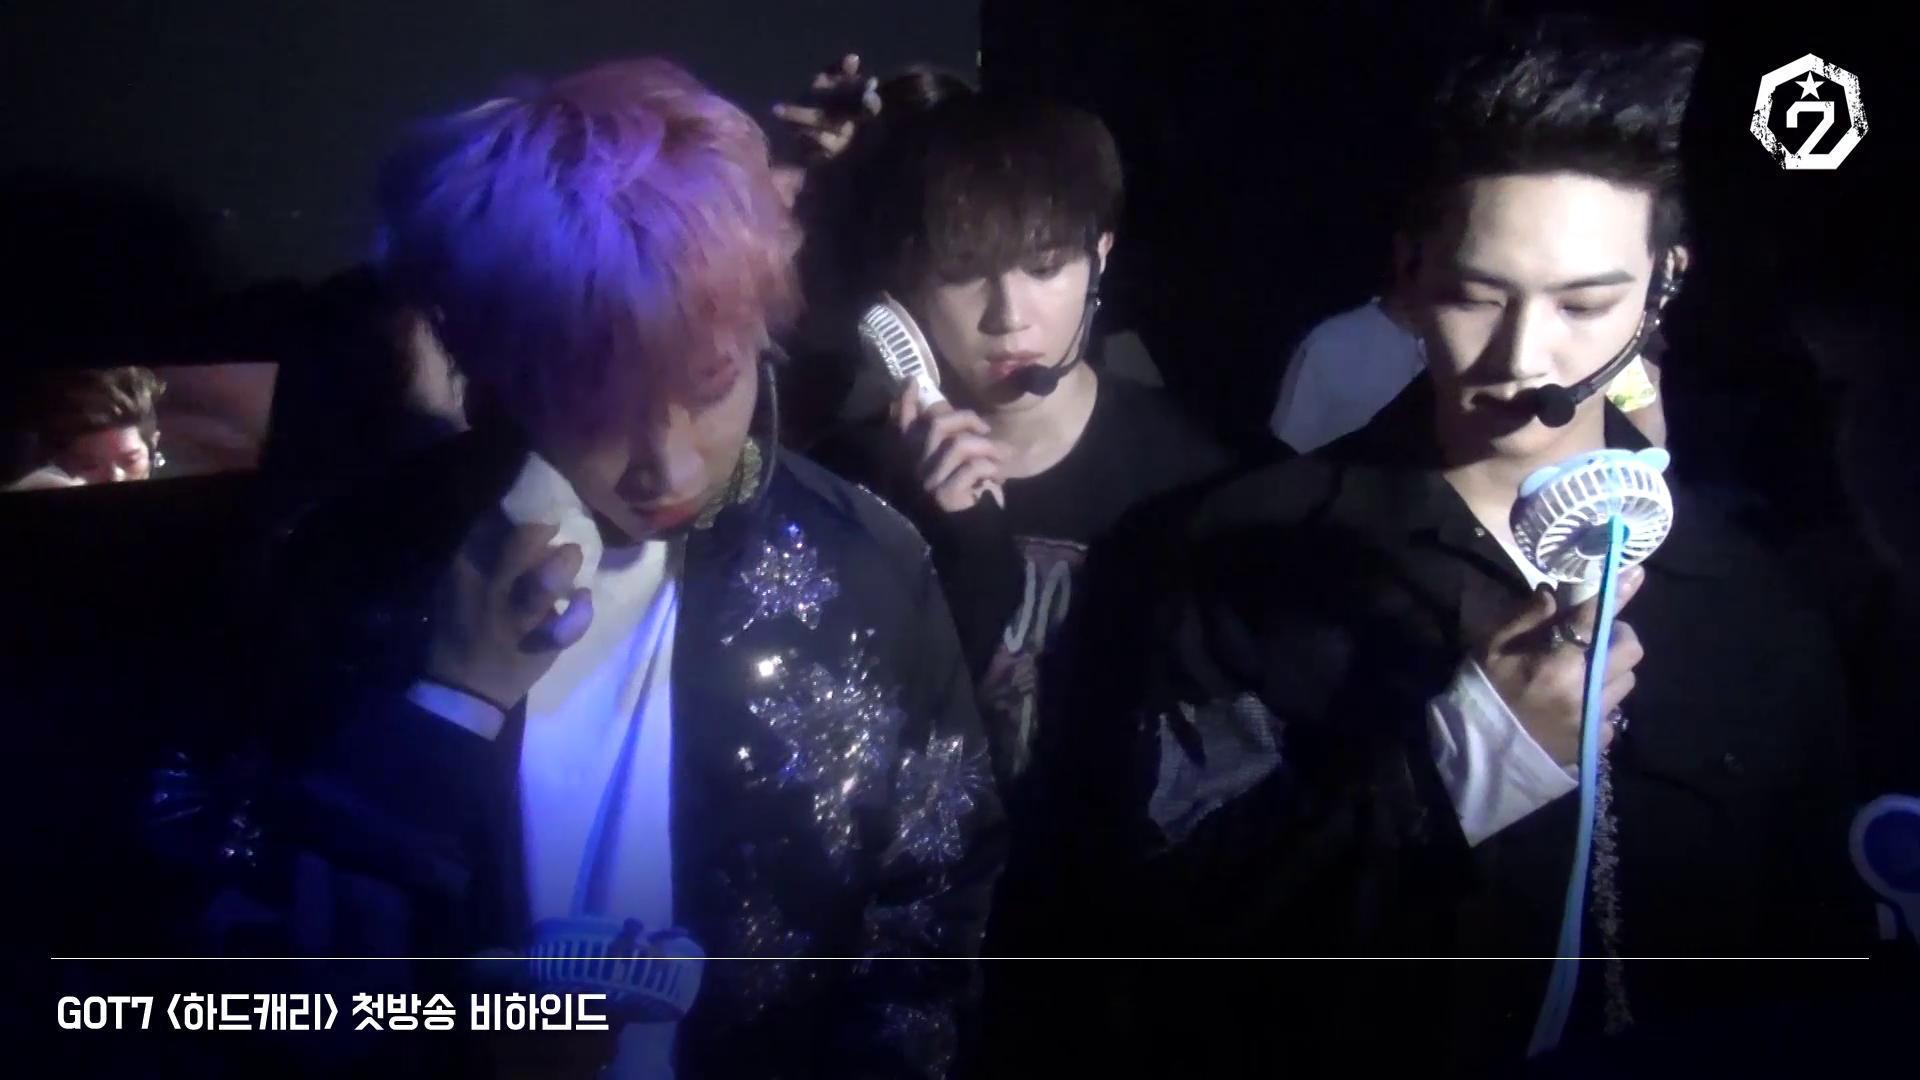 [스타캐스트] GOT7 '하드캐리' 첫 방송 비하인드!